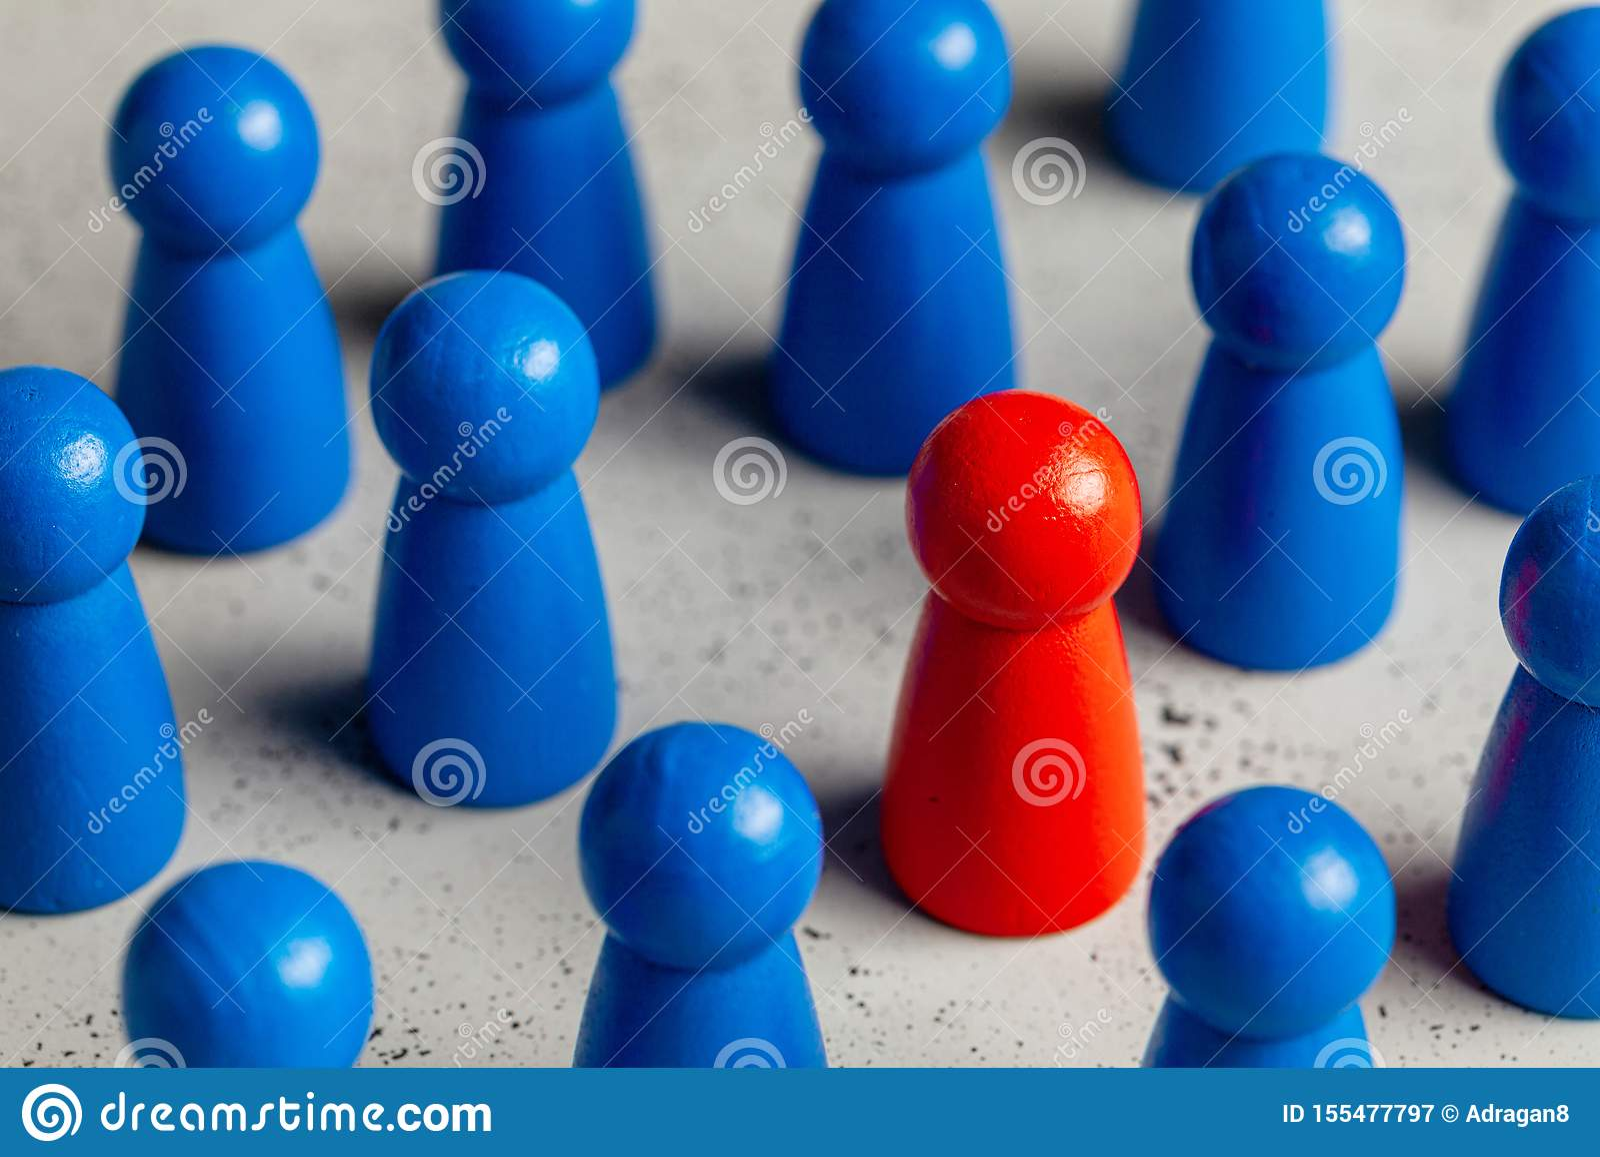 Επιλογή και αναζήτηση του καλύτερου ηγέτη υπαλλήλων Στρατολόγηση προσωπικού, ωρ. Καλές στάσεις εργαζομένων έξω στο πλήθος